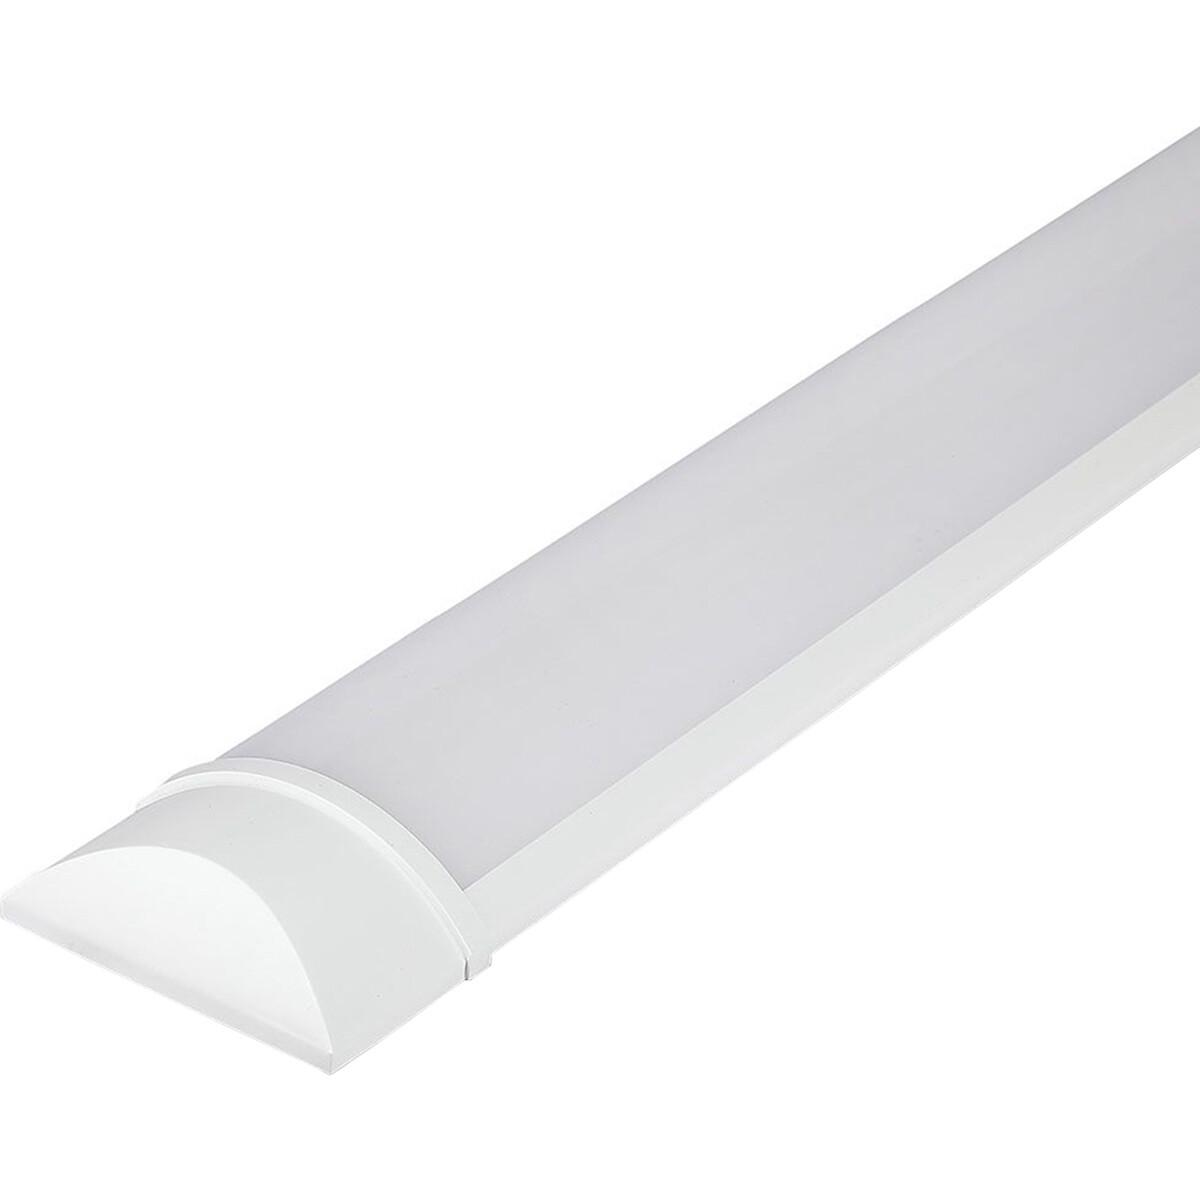 SAMSUNG - LED Balk - Viron Lavaz - 20W High Lumen - Helder/Koud Wit 6400K - Mat Wit - Kunststof - 60